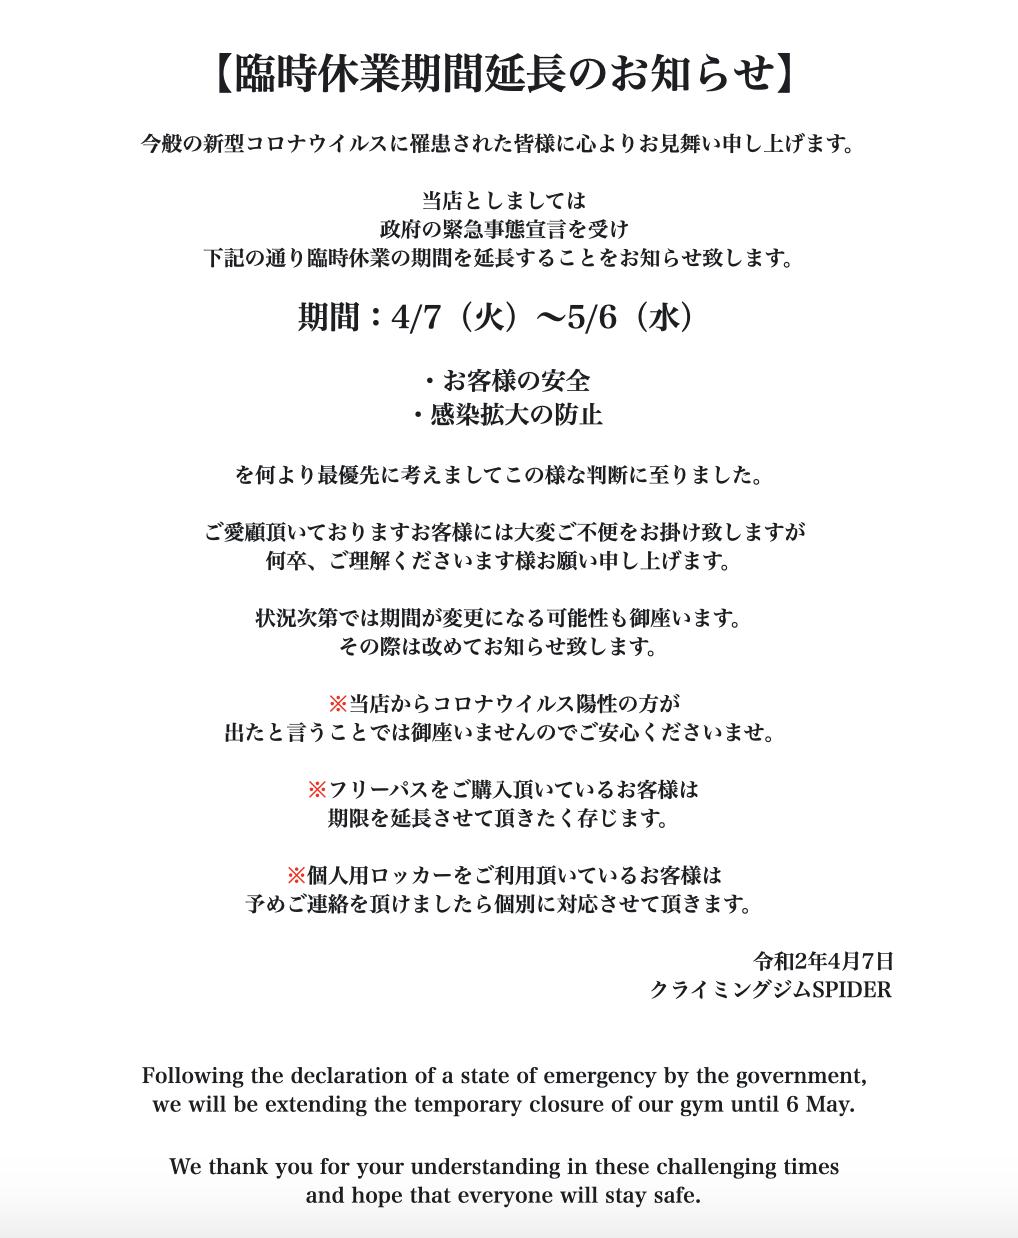 スクリーンショット 2020-04-07 20.17.29